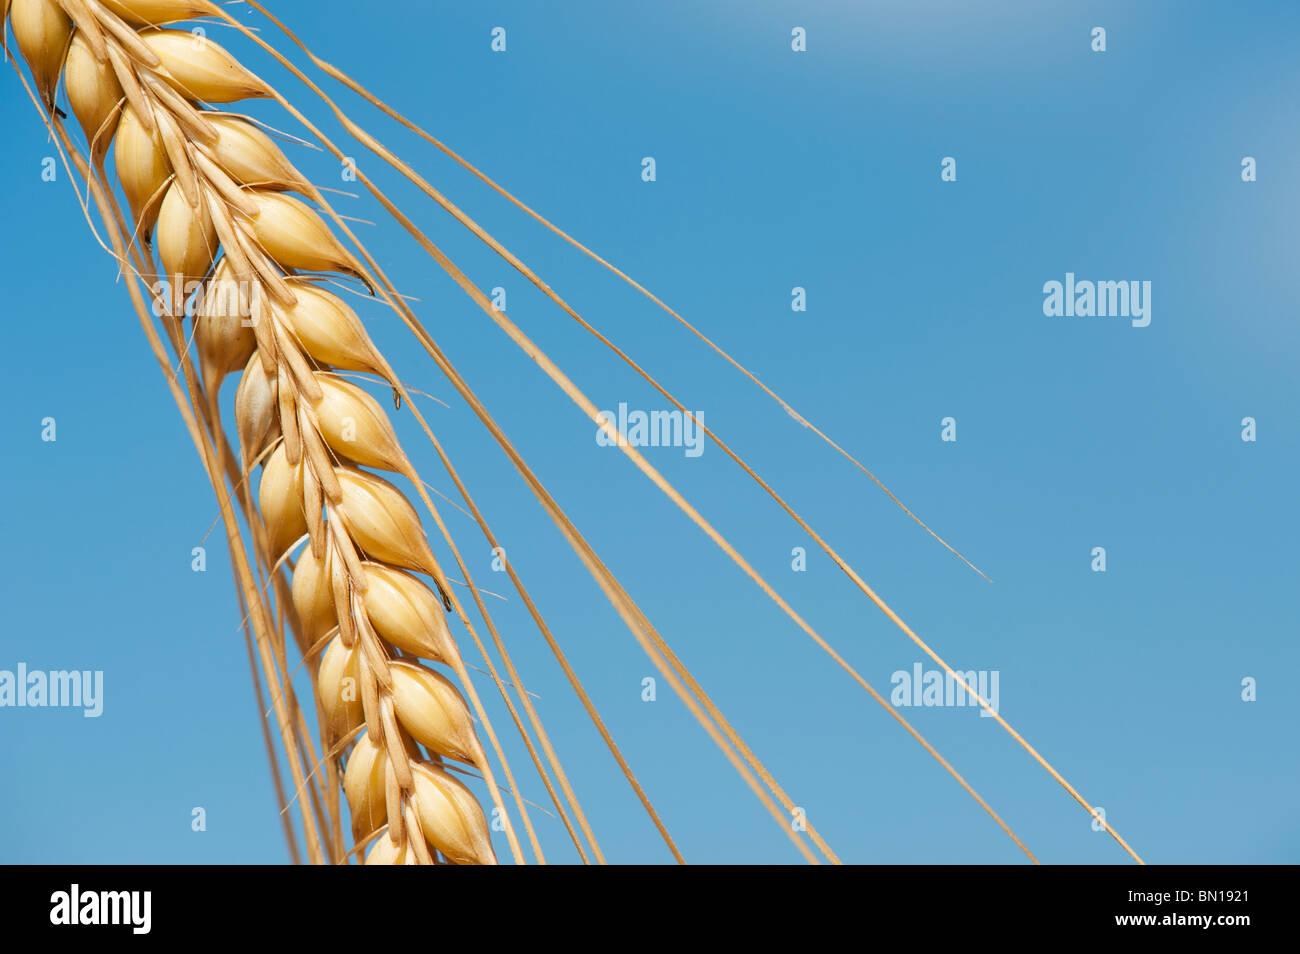 Hordeum vulgare. L'orge seul mûrissement souches against a blue sky Photo Stock